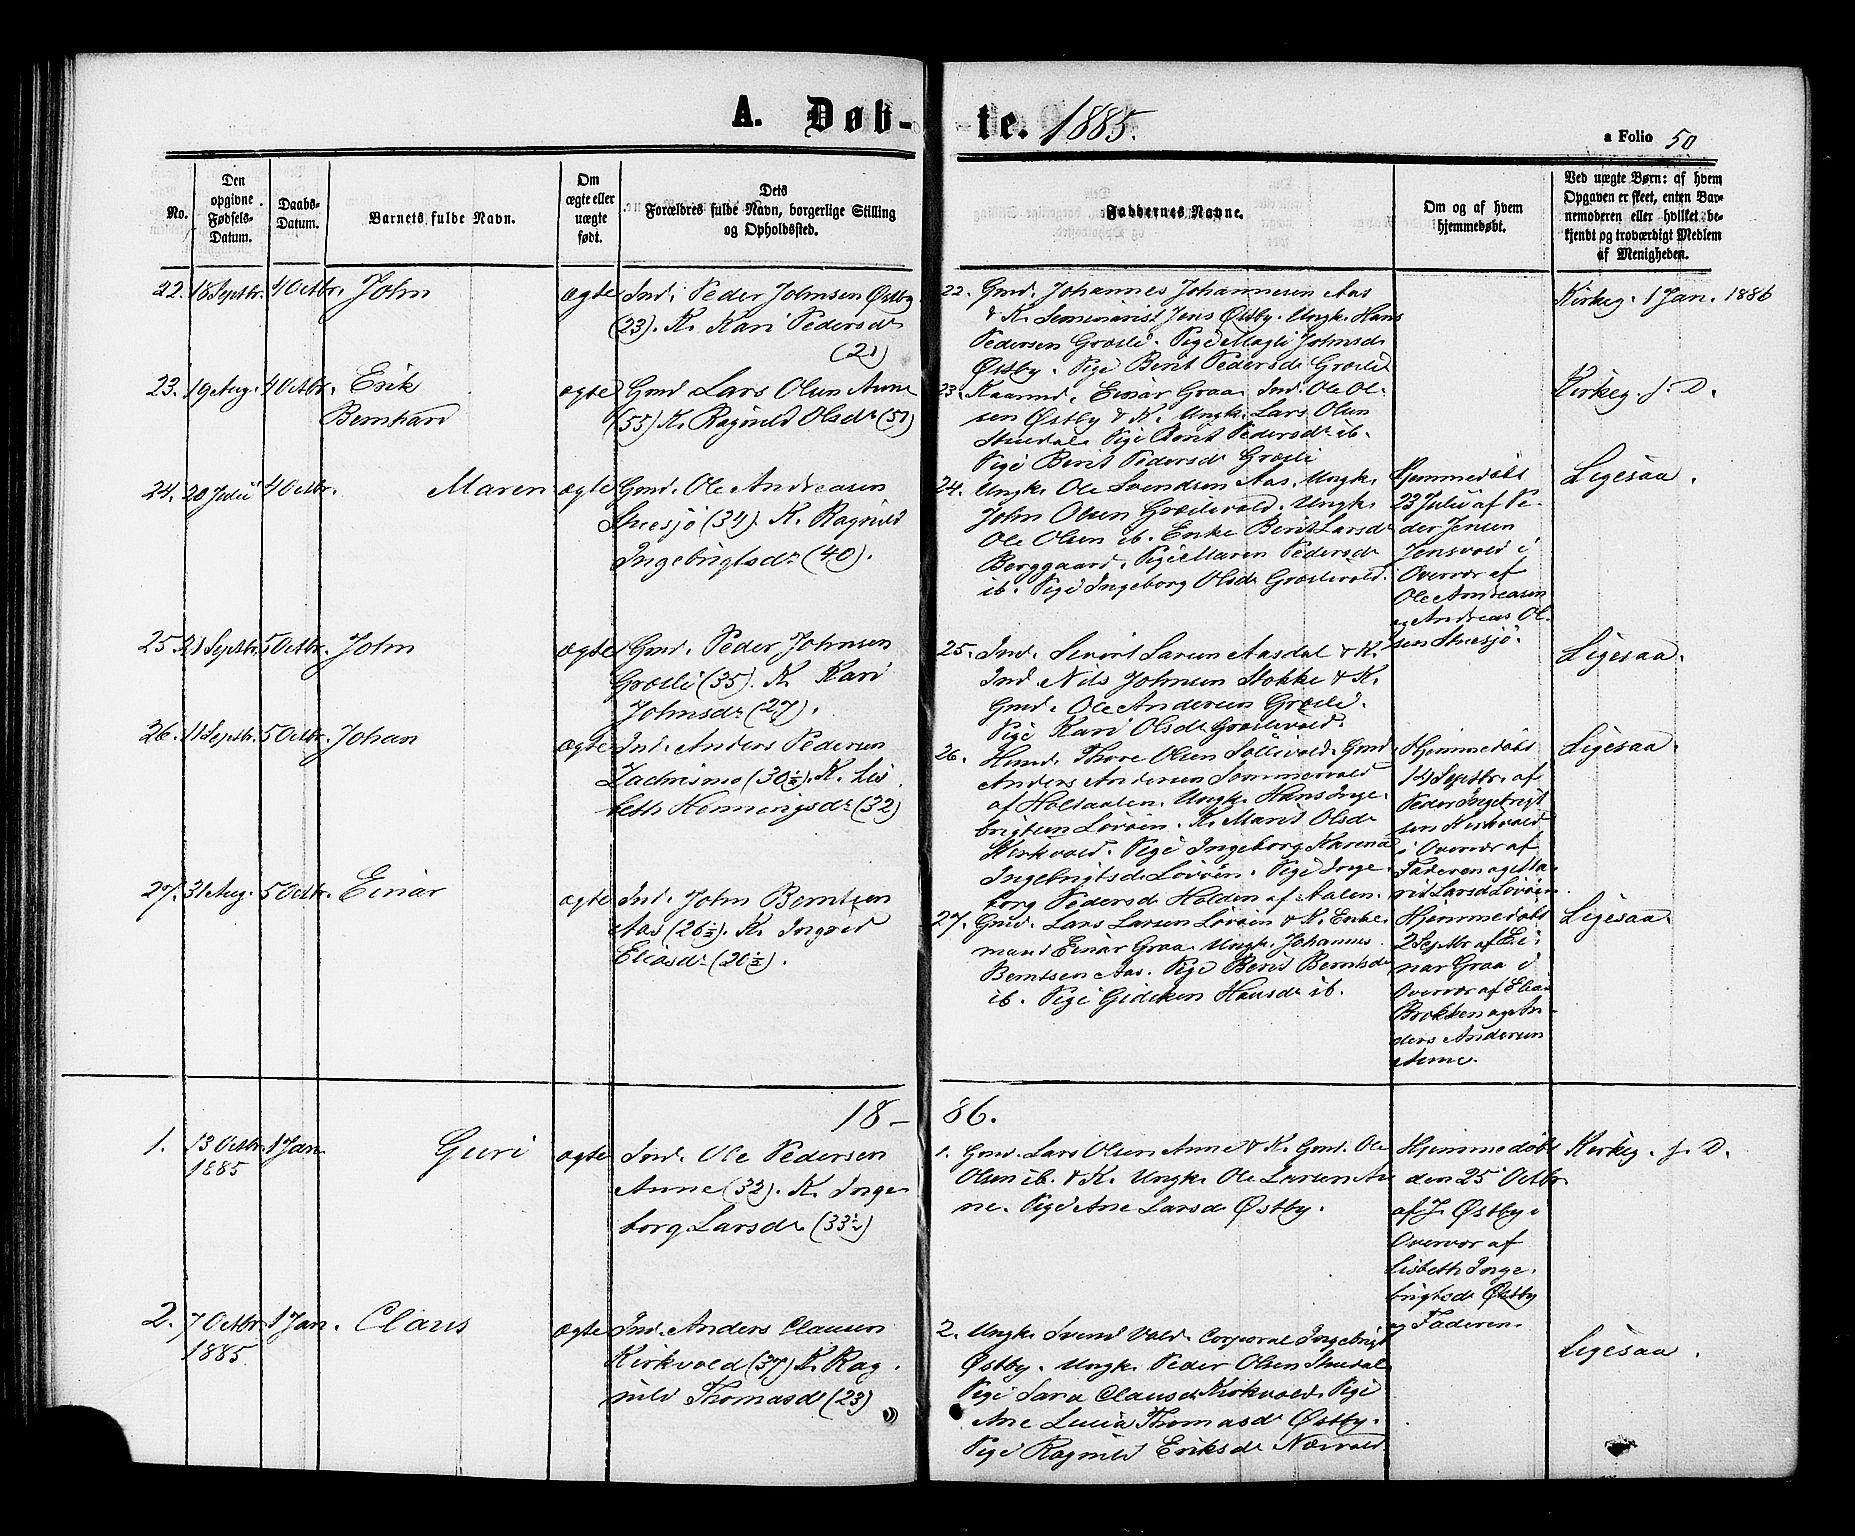 SAT, Ministerialprotokoller, klokkerbøker og fødselsregistre - Sør-Trøndelag, 698/L1163: Ministerialbok nr. 698A01, 1862-1887, s. 50